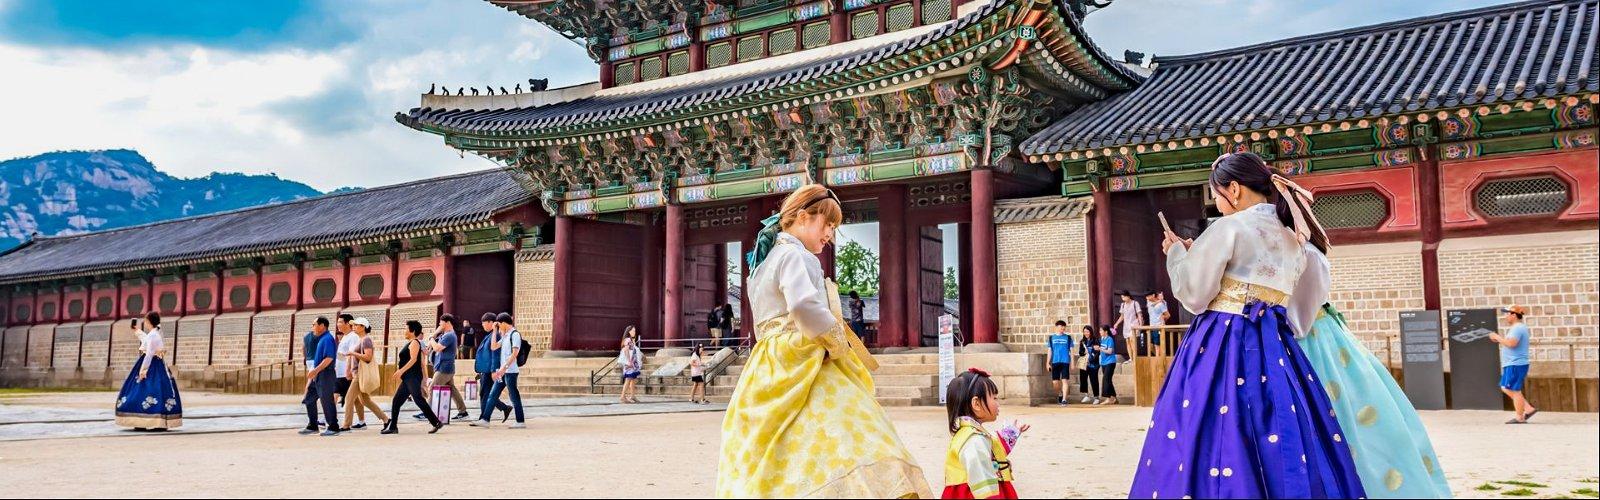 จองทัวร์เกาหลีเส้นทางในฝันกับ Mushroom Travel